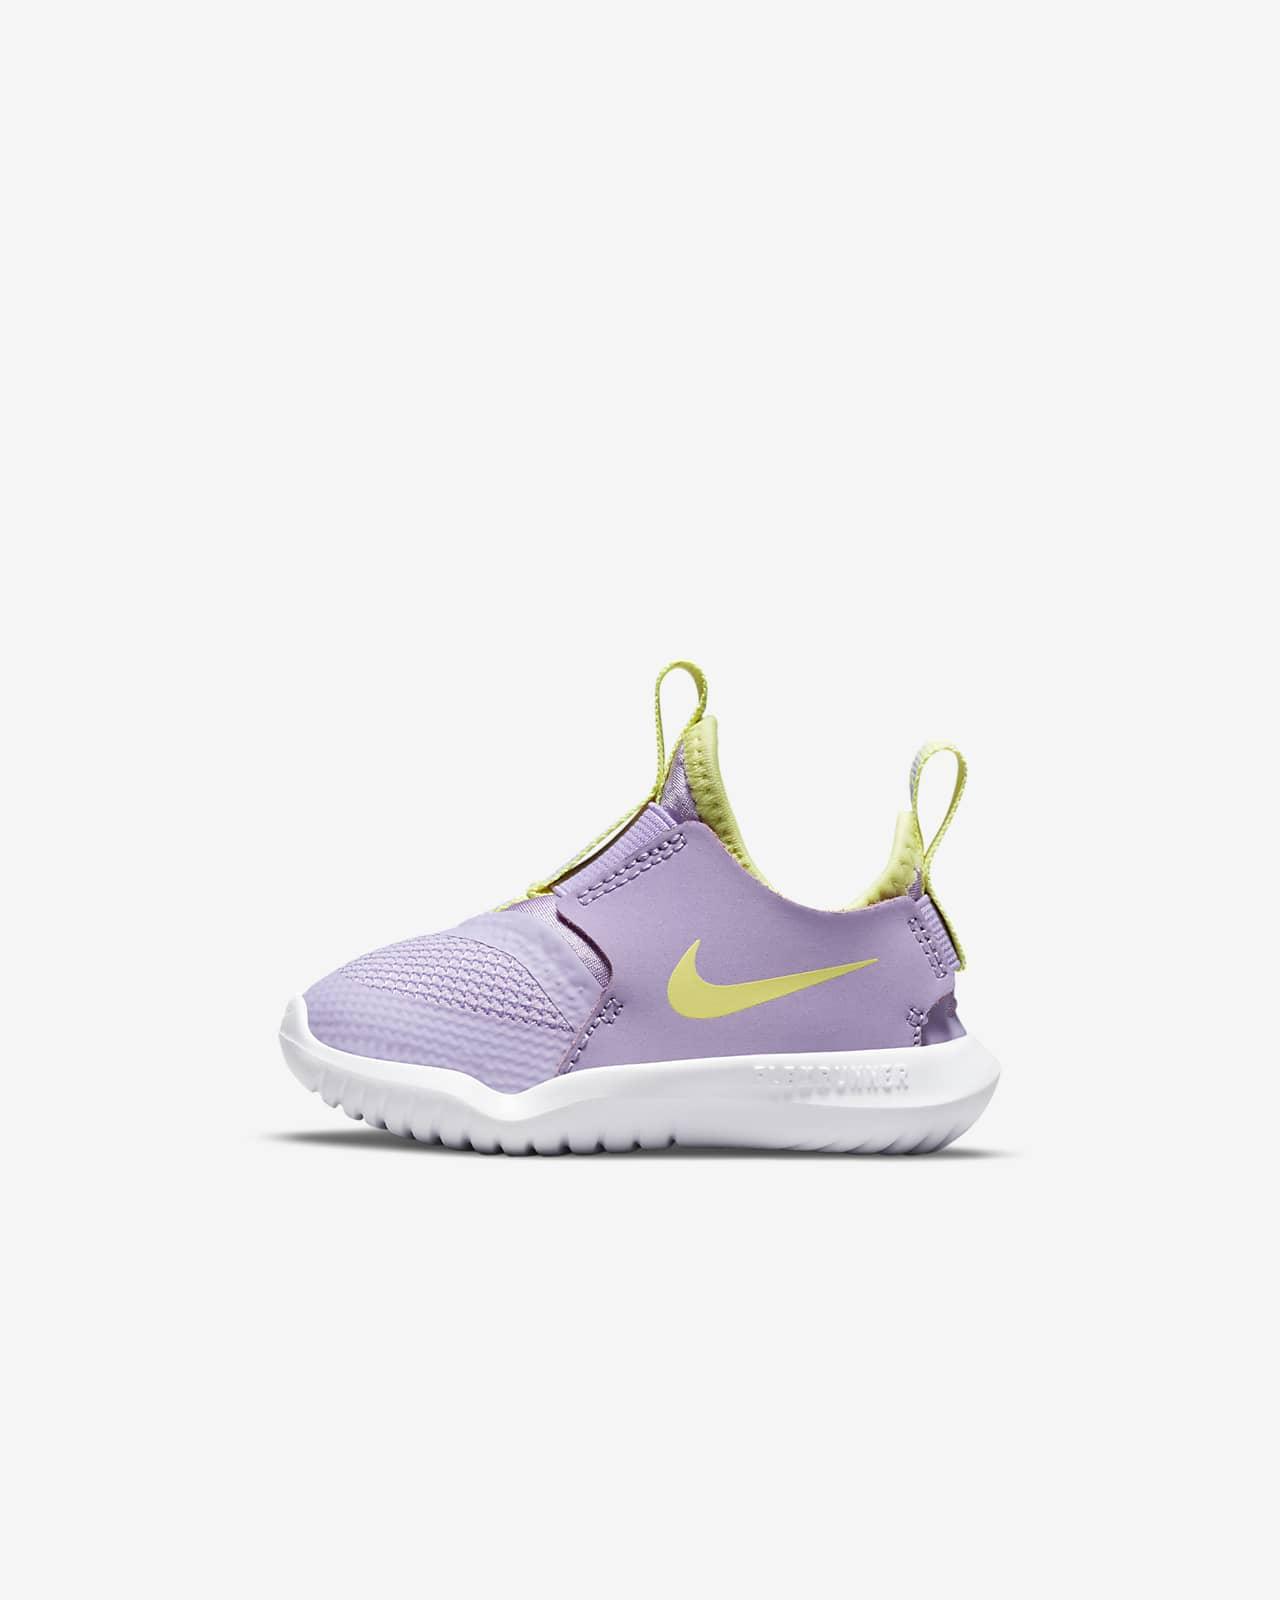 Nike Flex Runner sko til sped-/småbarn